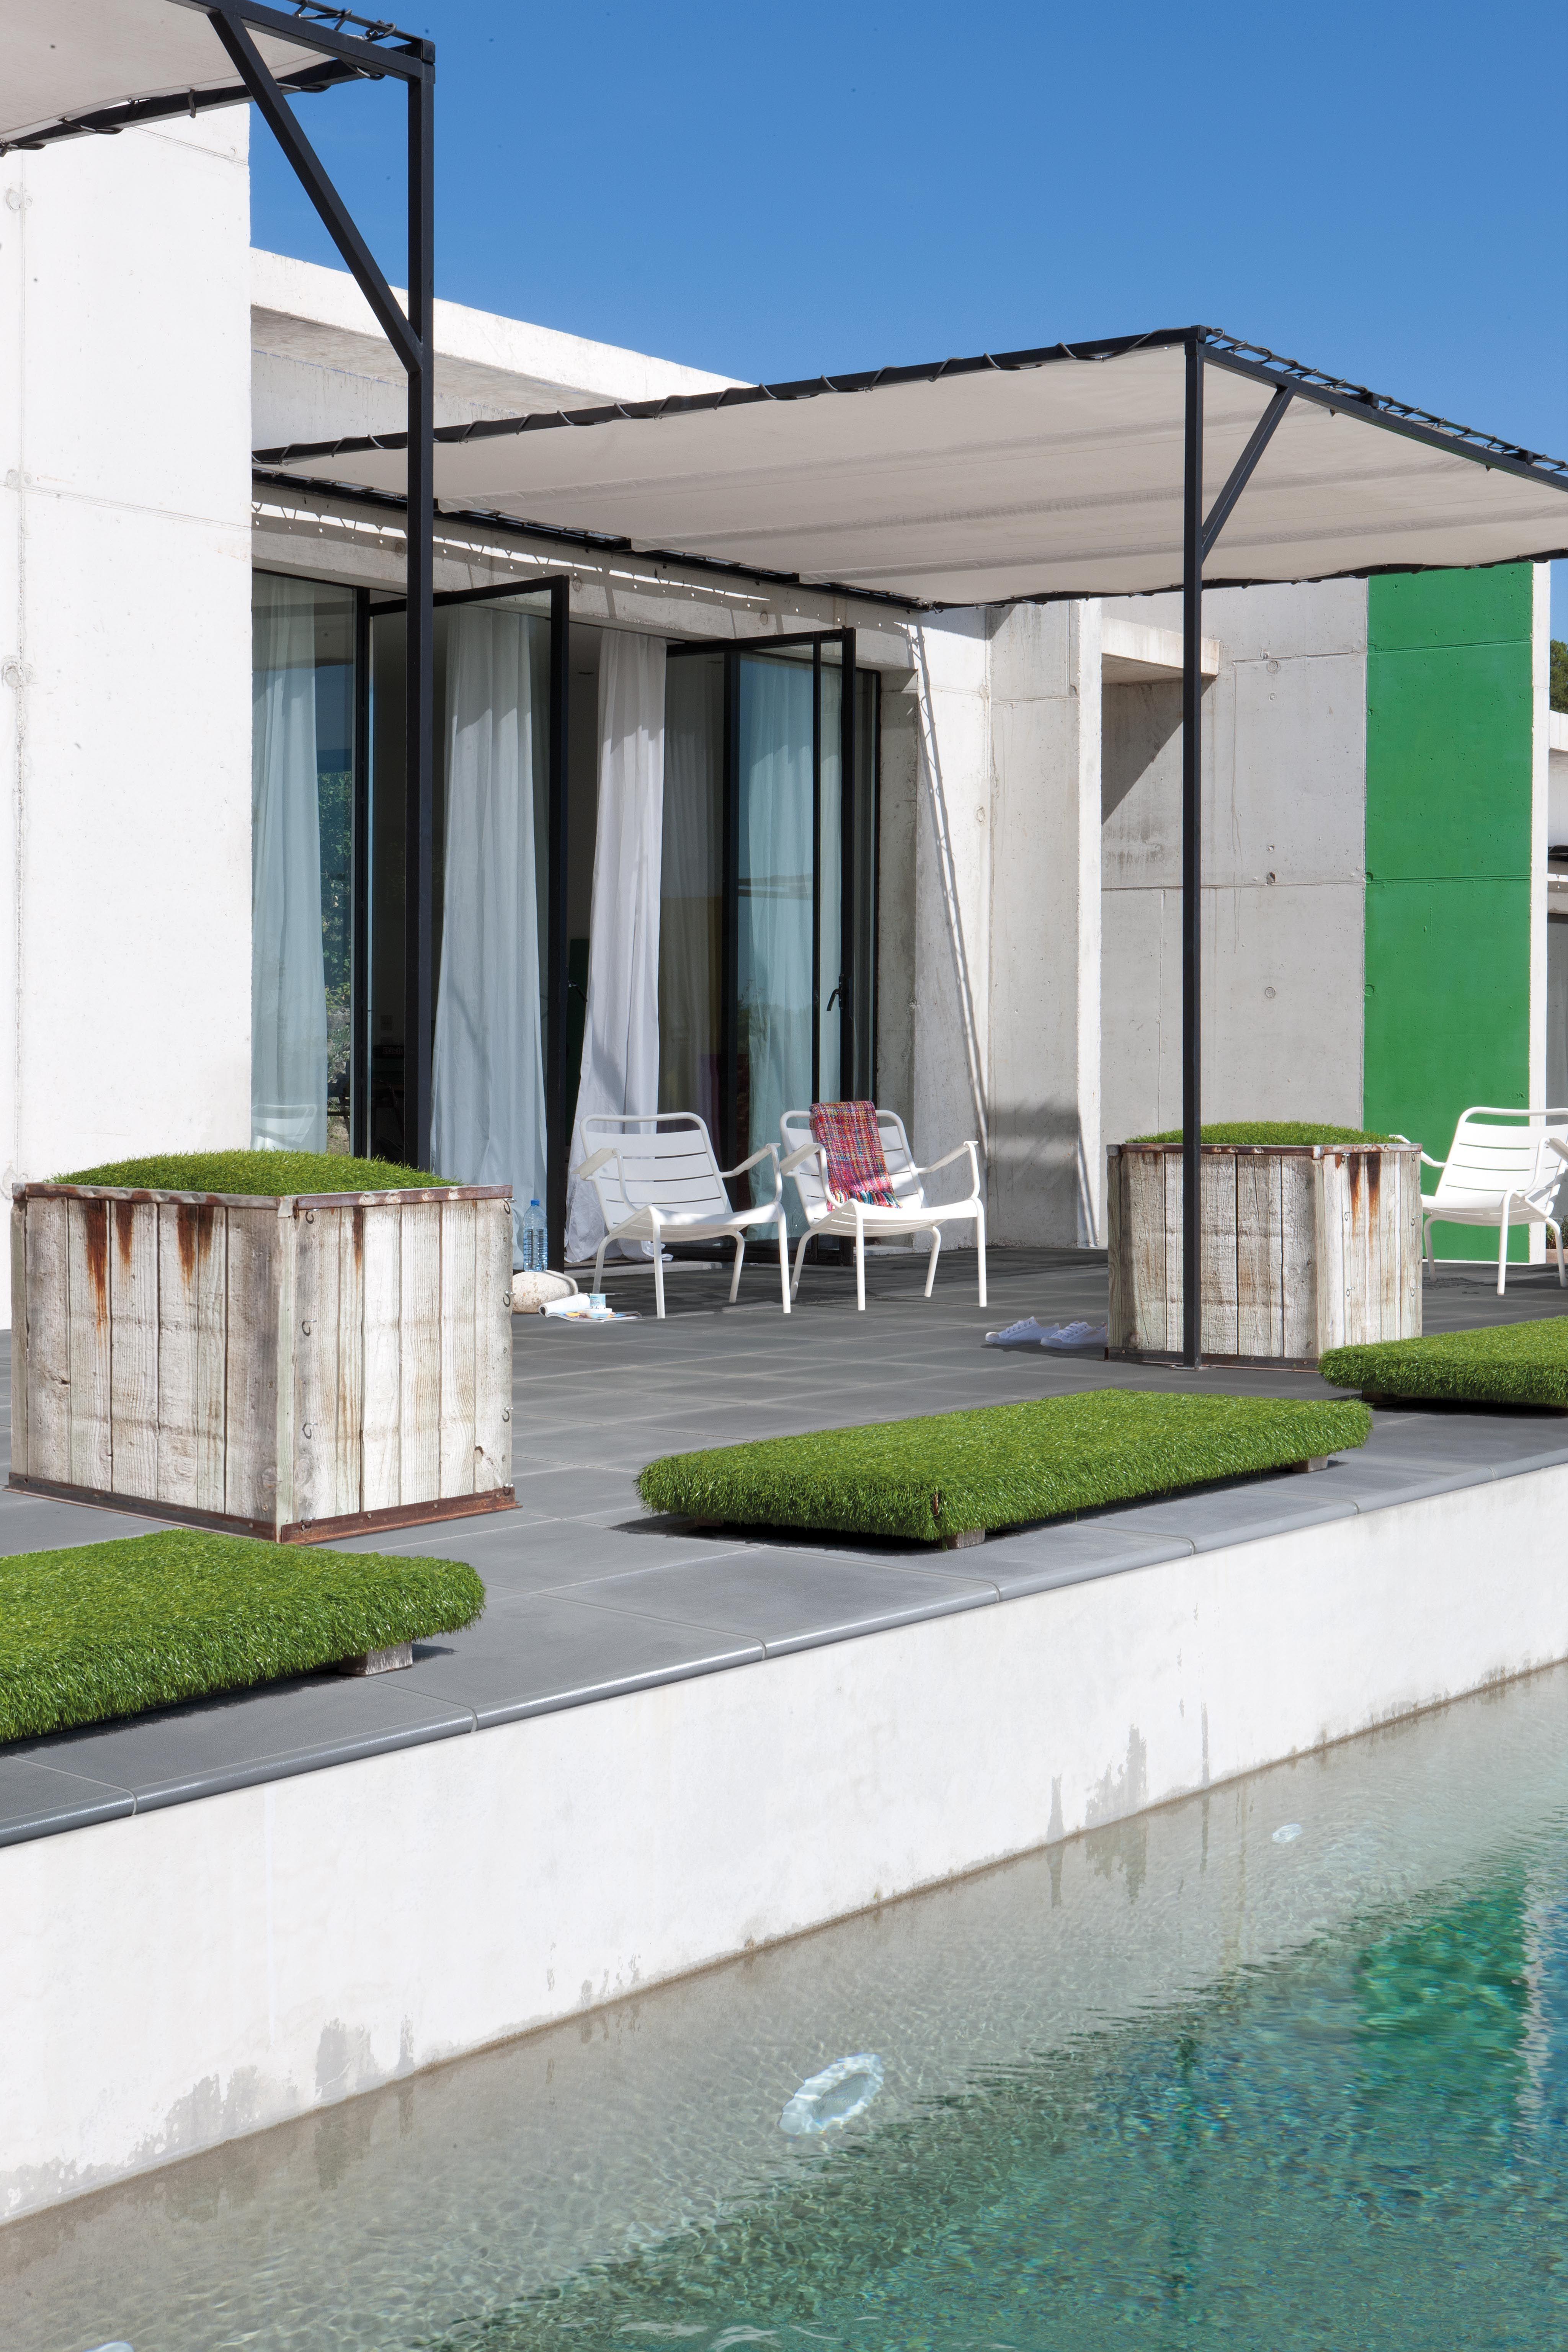 pergolas lgres pour ombrager une plage de piscine terrasse et margelles kera linea pearl grey